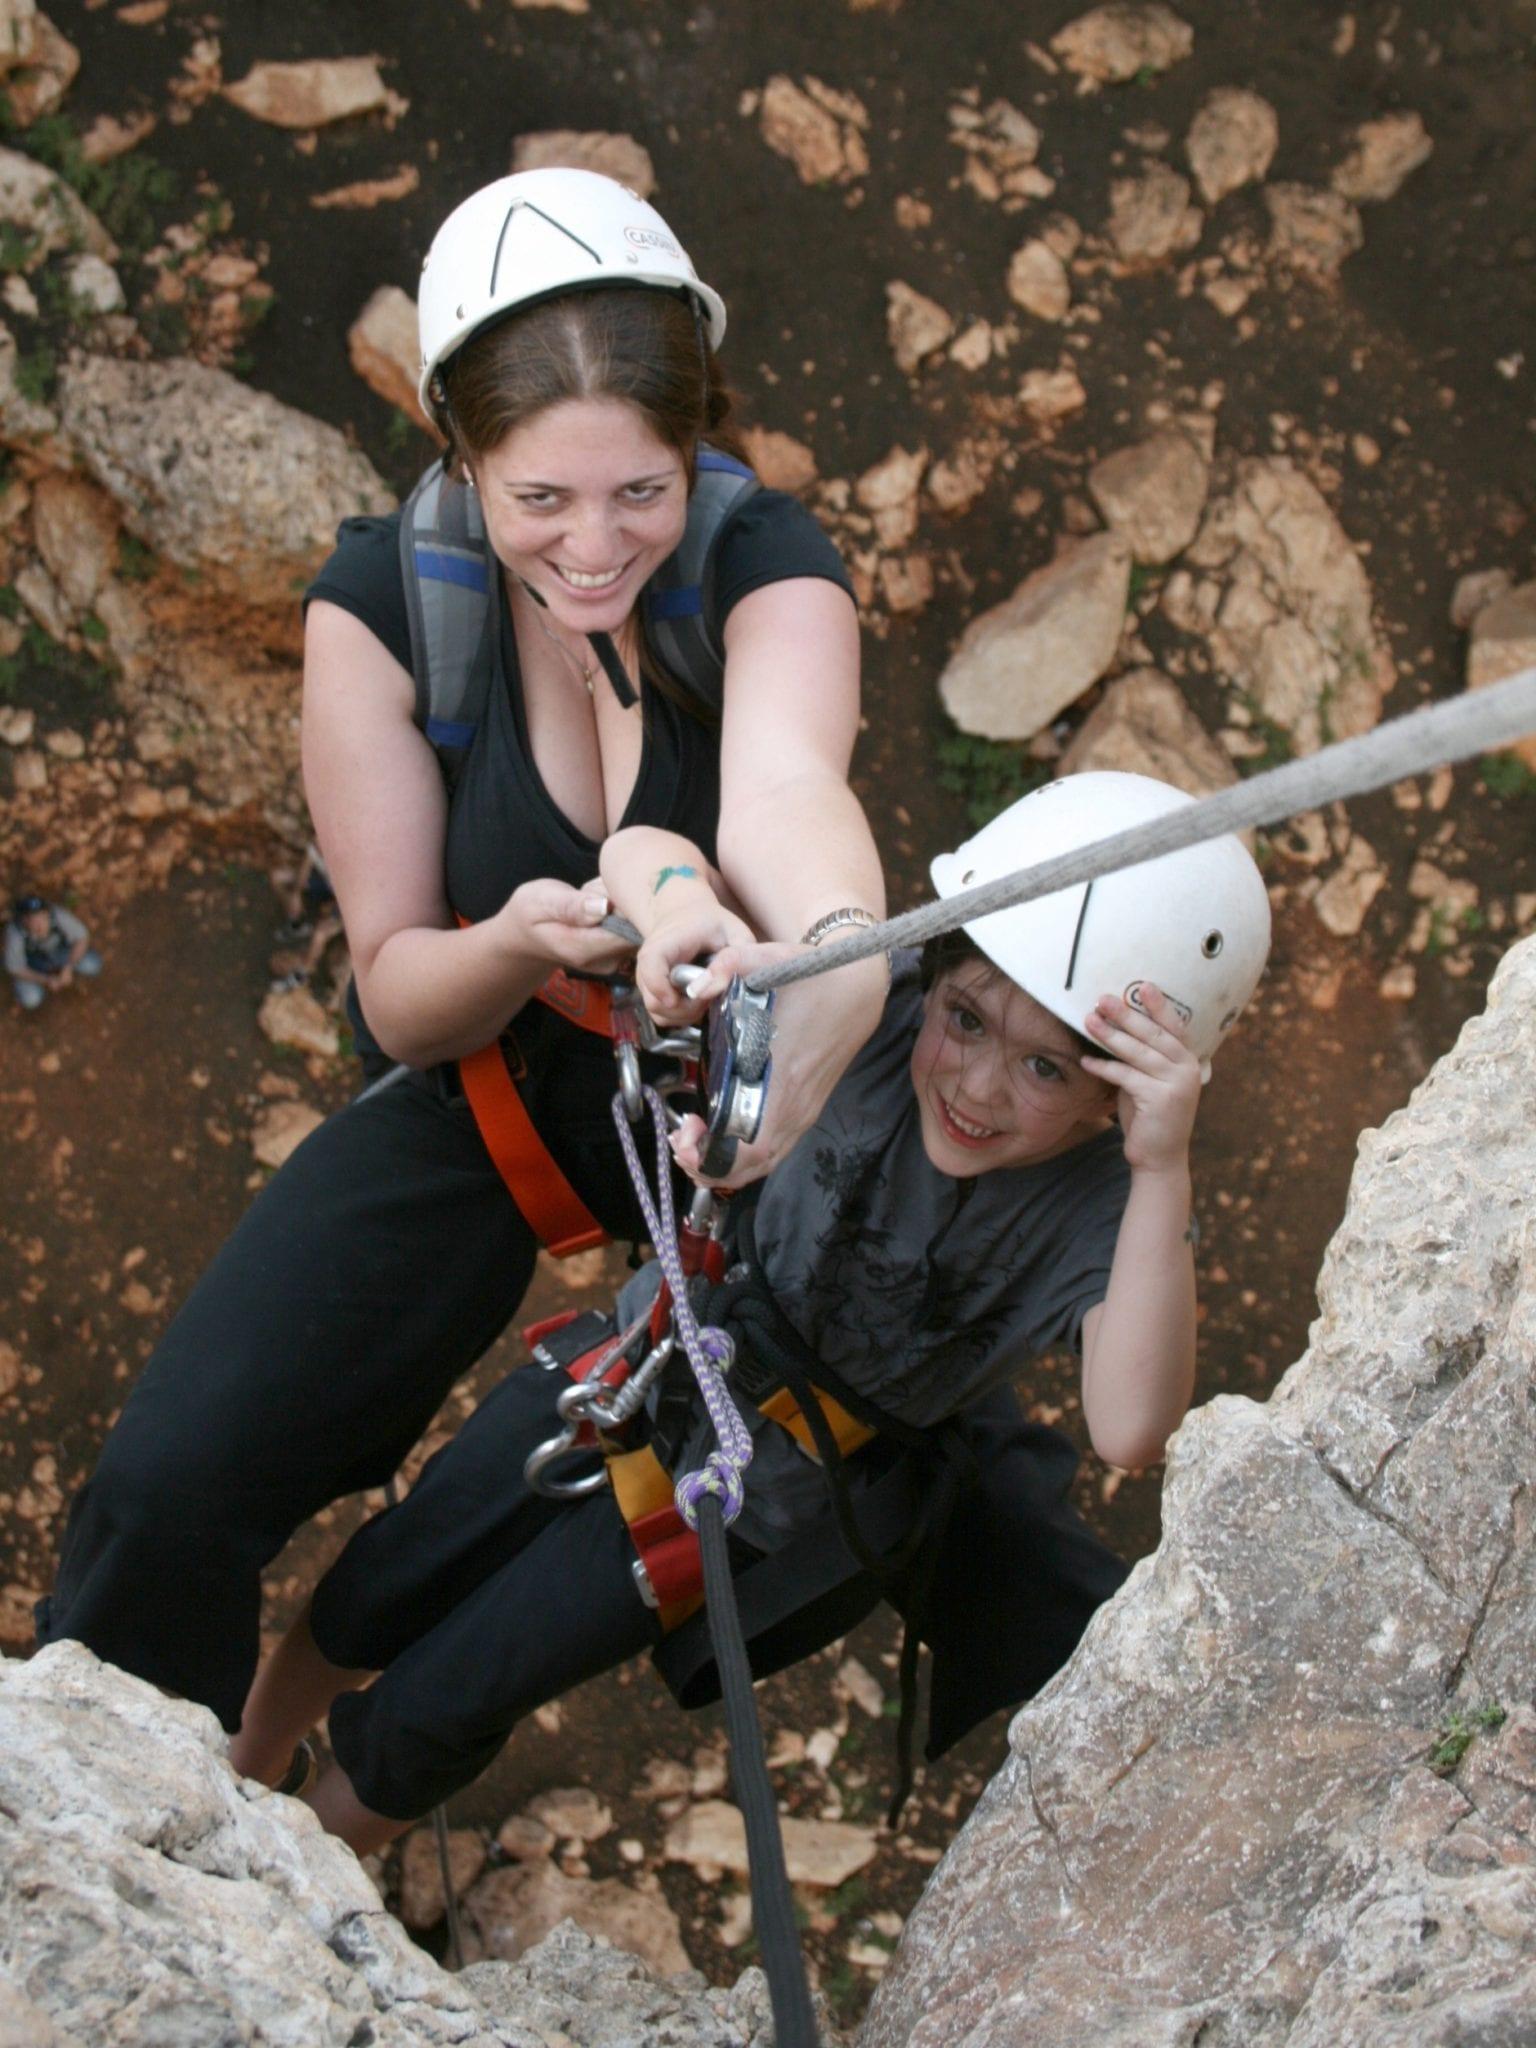 יום כיף למשפחות בצפון - סנפליג במערת קשת - ערוצים בטבע